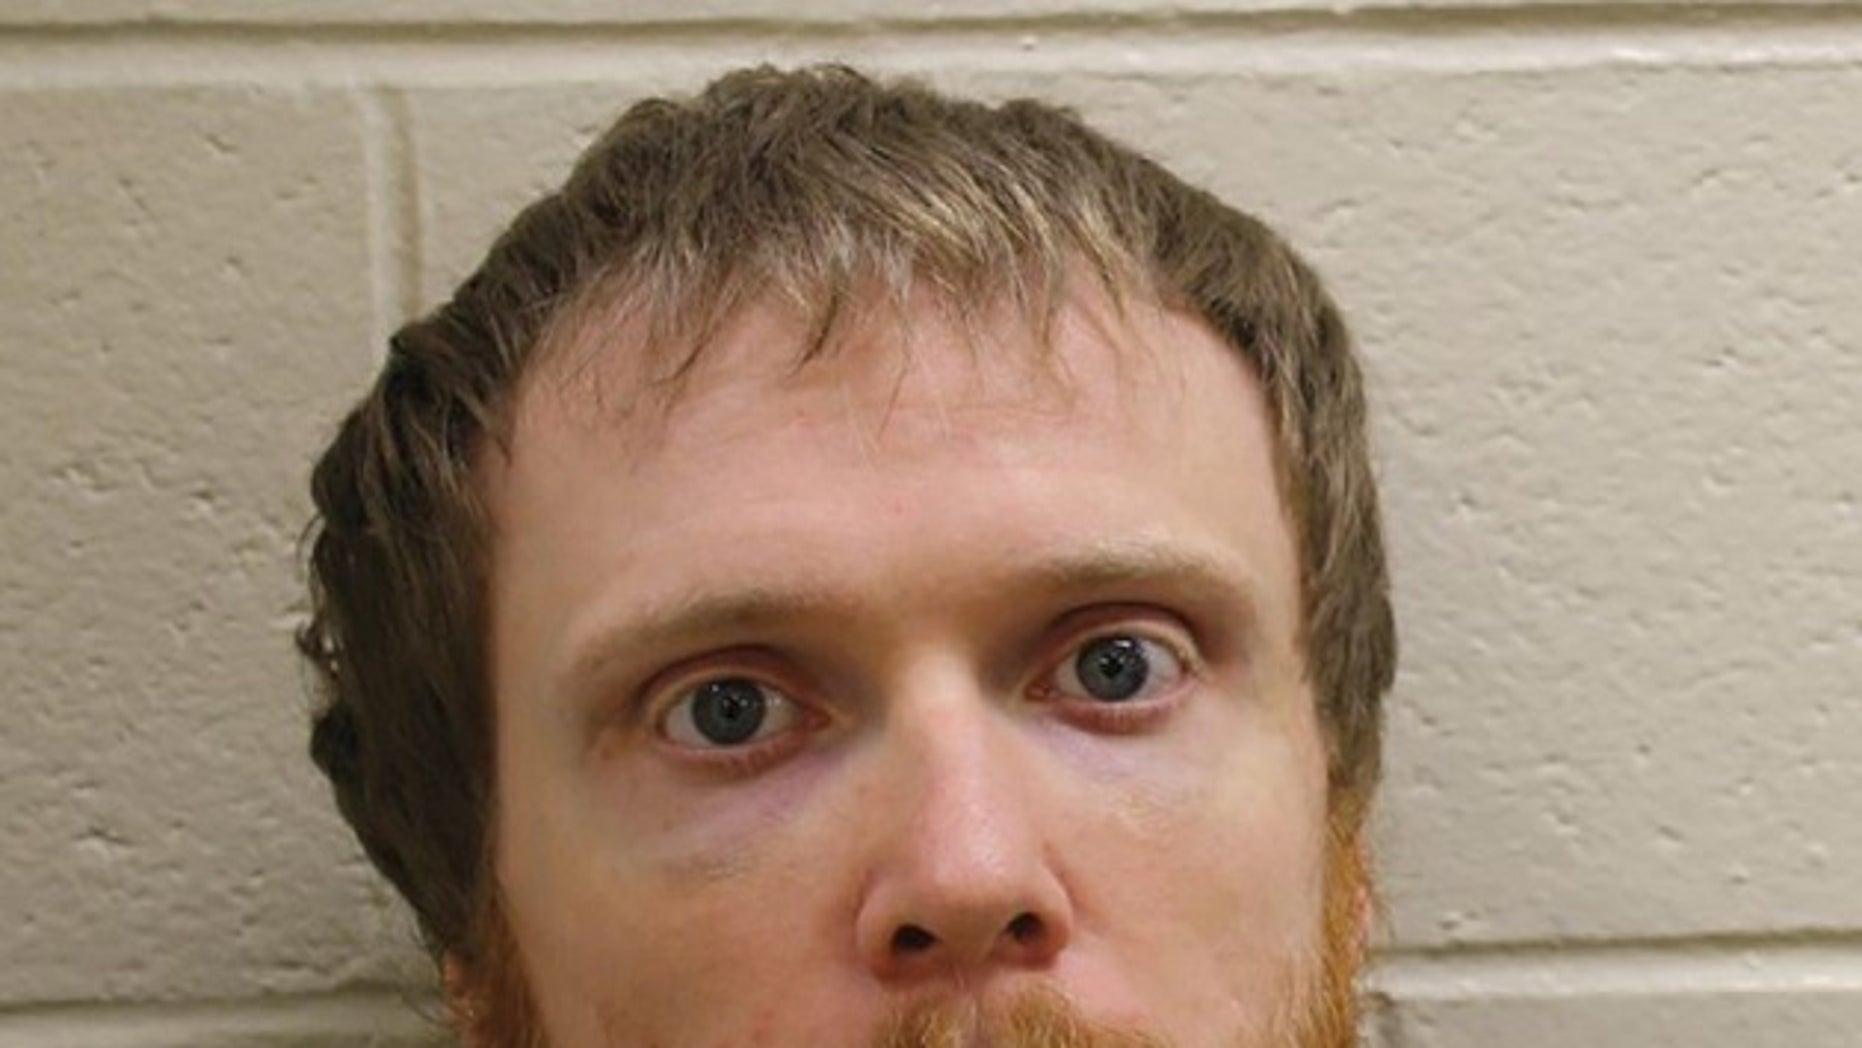 Denver Fenton Allen has pleaded guilty to killing his cellmate.